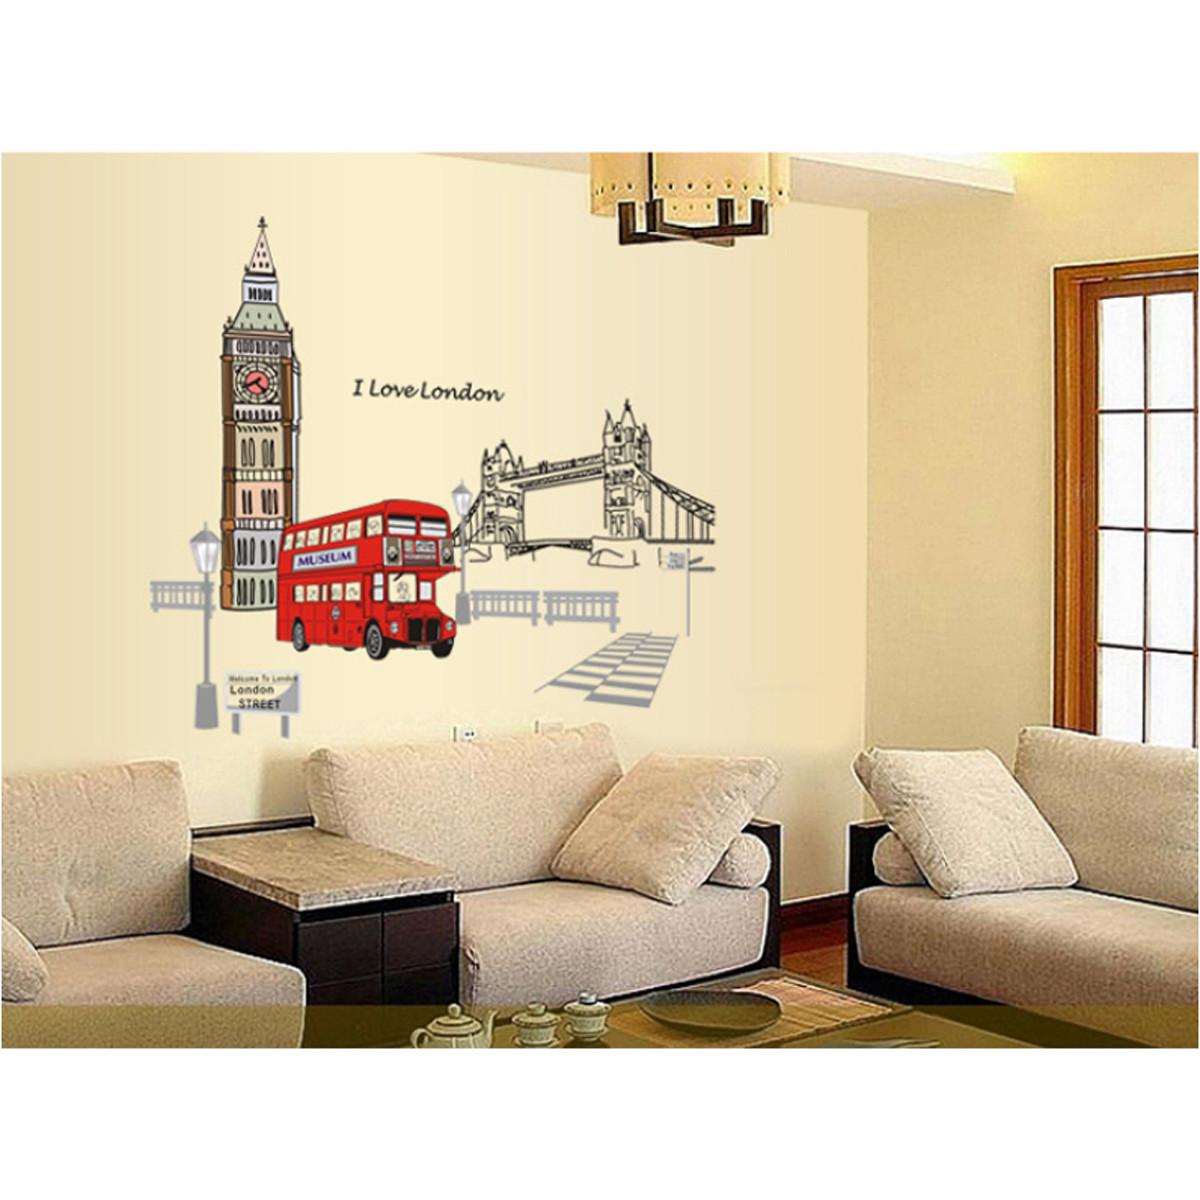 decal dán tường xe bus london cc6911